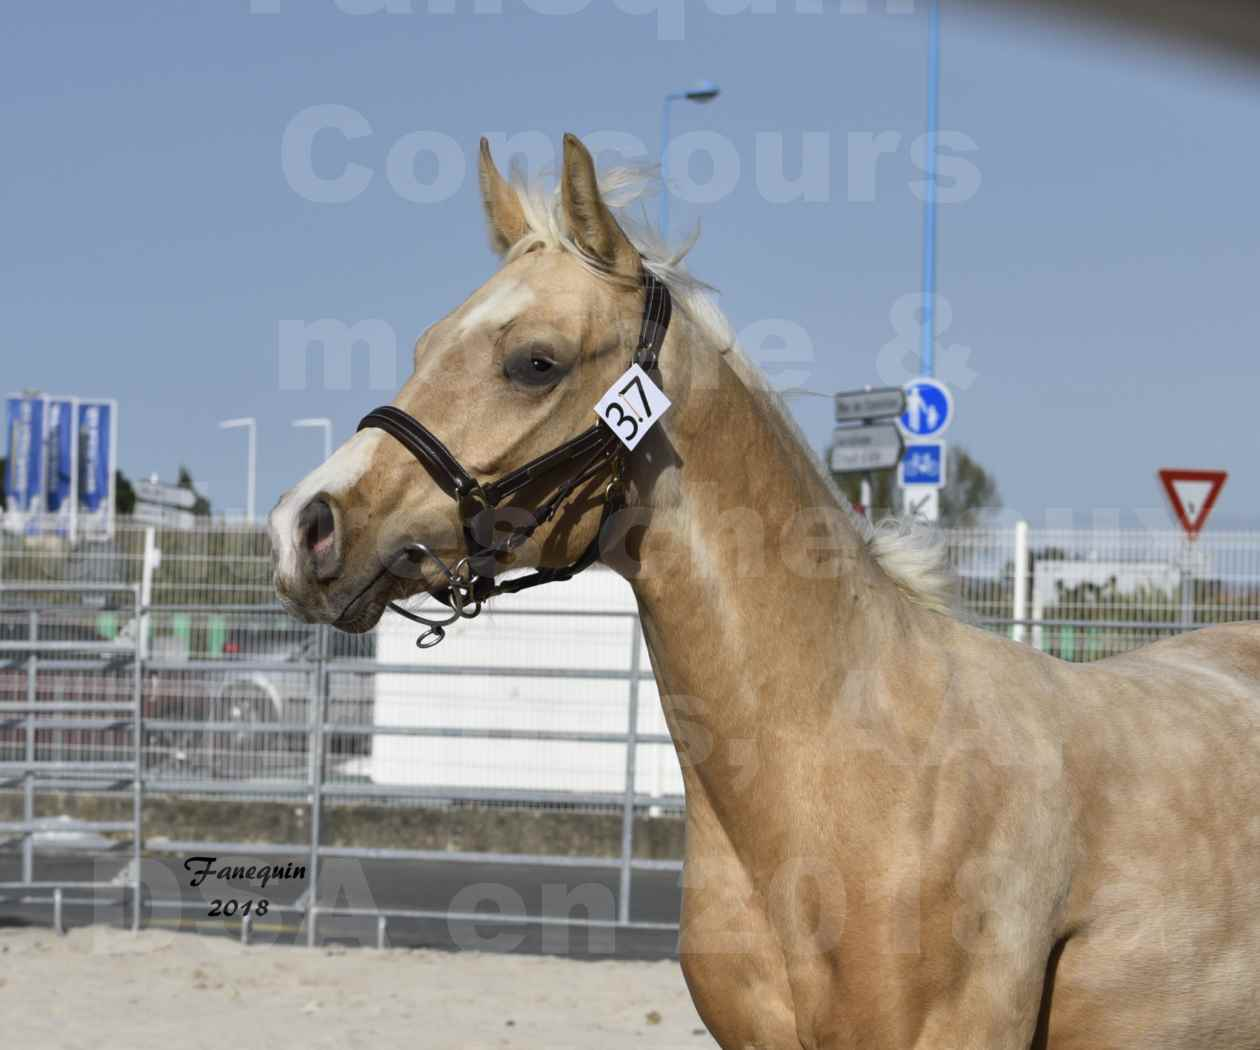 Concours d'élevage de Chevaux Arabes - D. S. A. - A. A. - ALBI les 6 & 7 Avril 2018 - GOLD DE DARRE - Notre Sélection - Portraits - 3